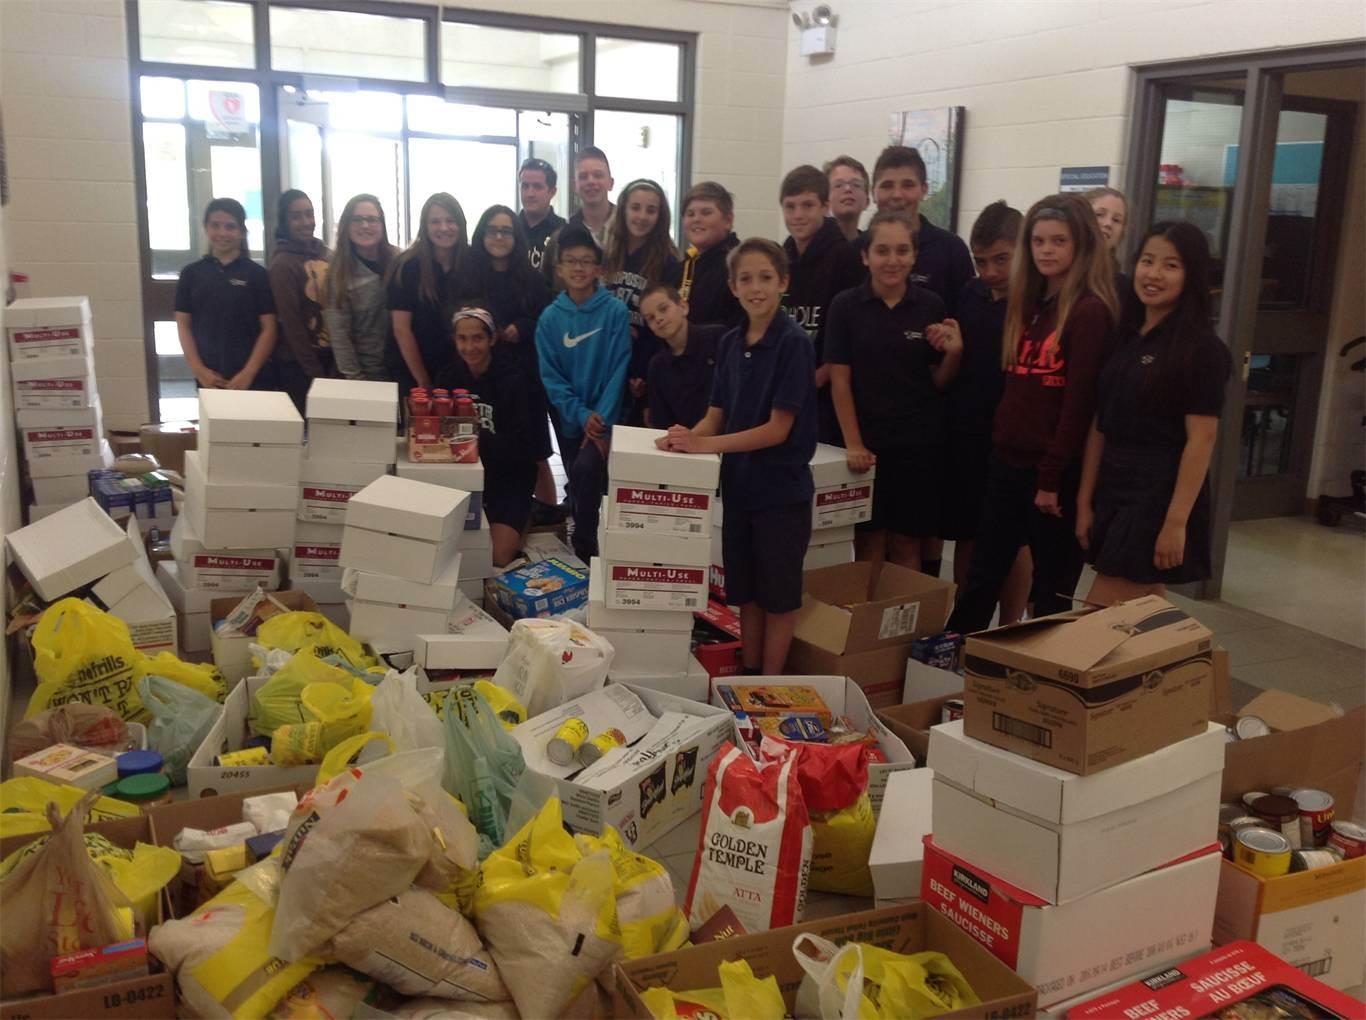 Hamilton Wentworth Catholic District Schoolboard: HWCDSB Schools Support Cram-a-cruiser Food Drive